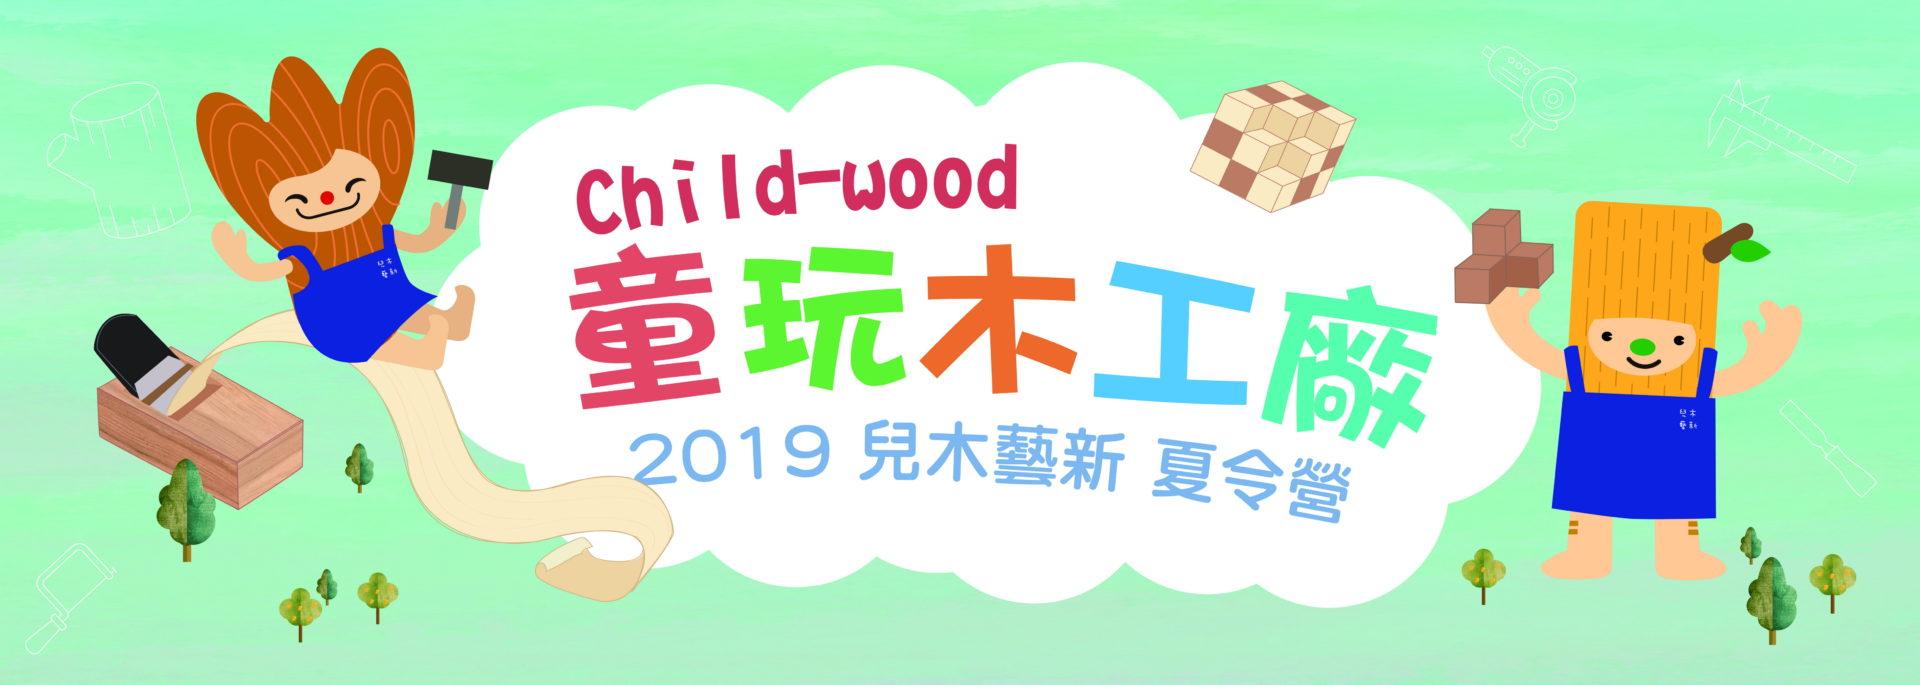 臺南・家具產業博物館:2019/07/13-2019/08/17【兒木藝新2019夏令營】